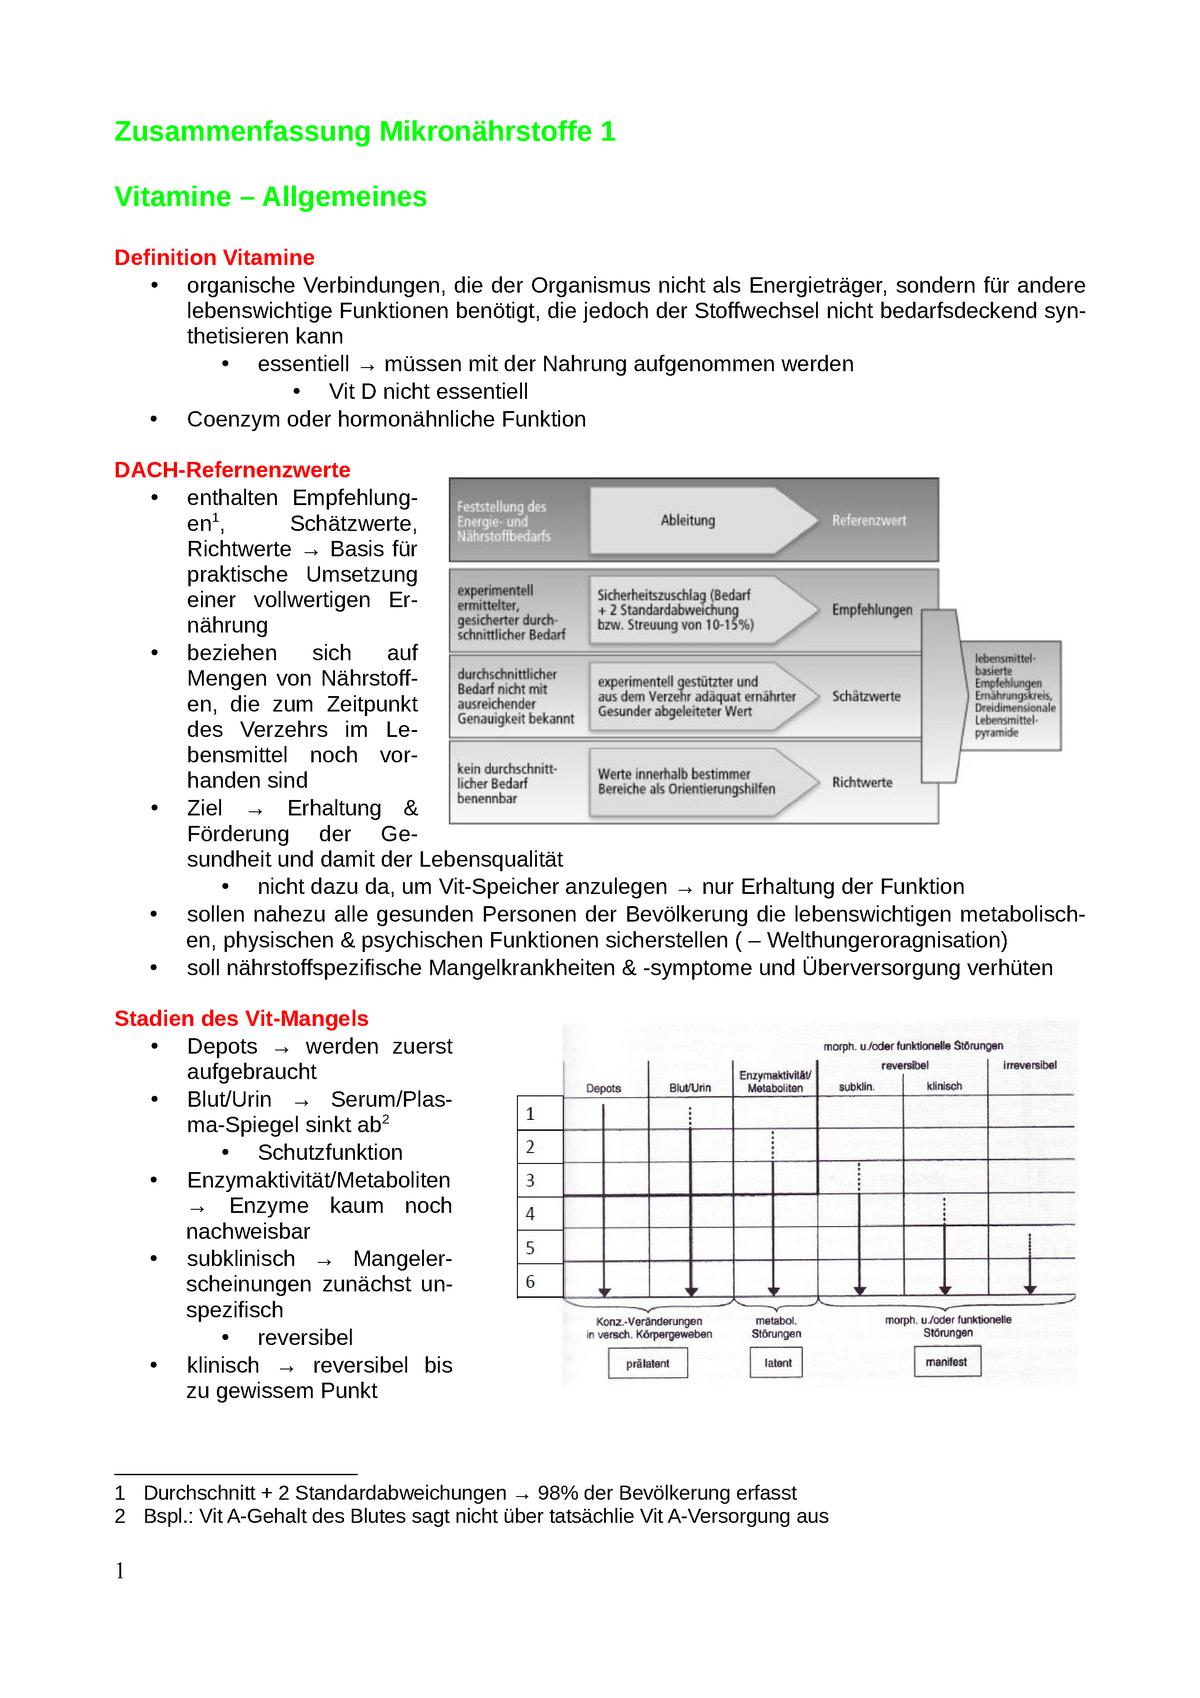 1 Allgemeines Vitamine 070148 Cau Studocu